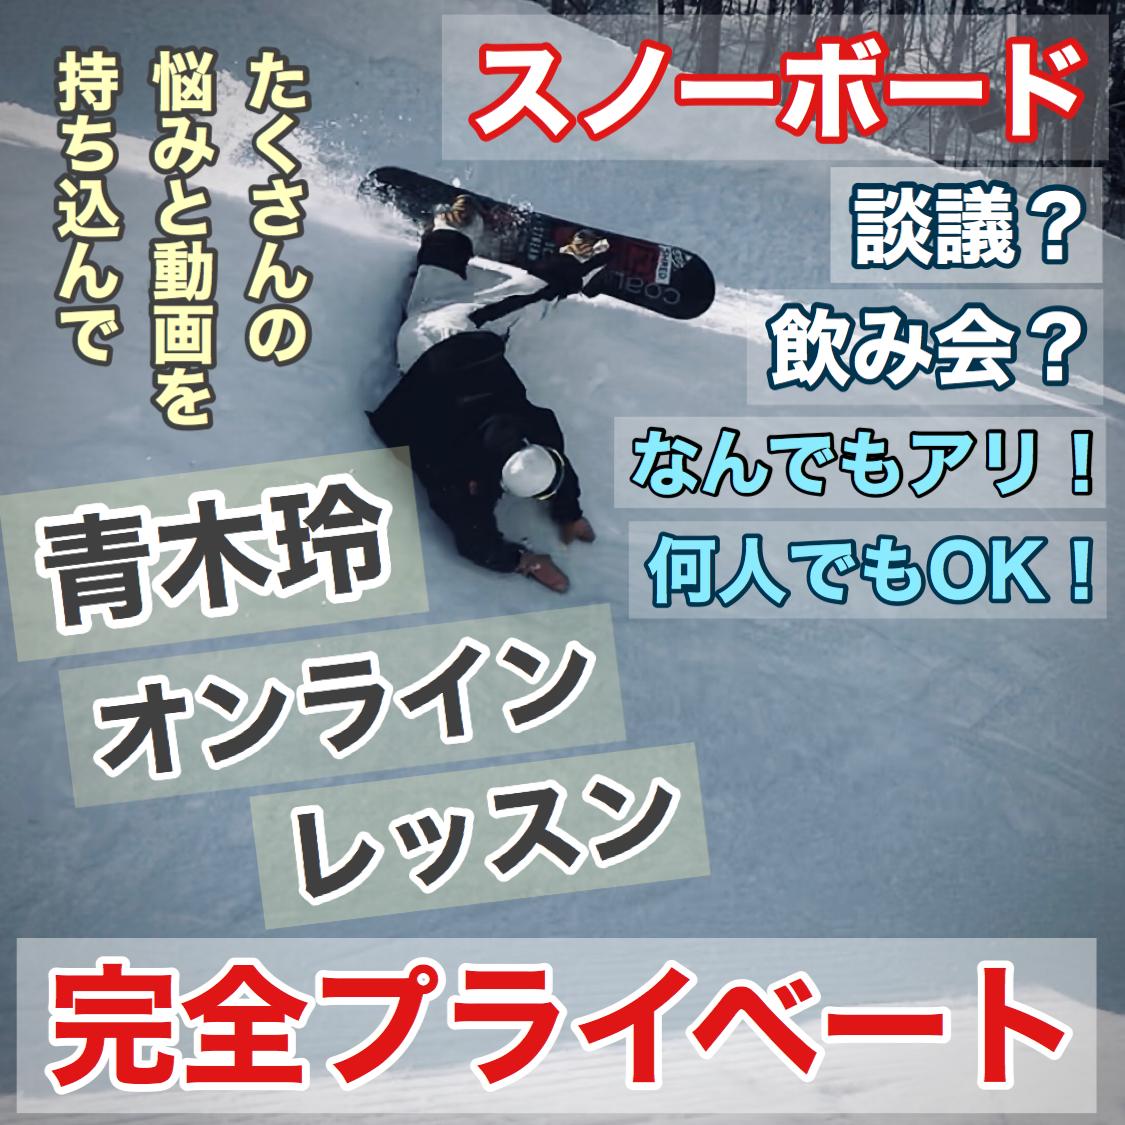 青木玲のスノーボード大学【オンラインプライベートレッスン】